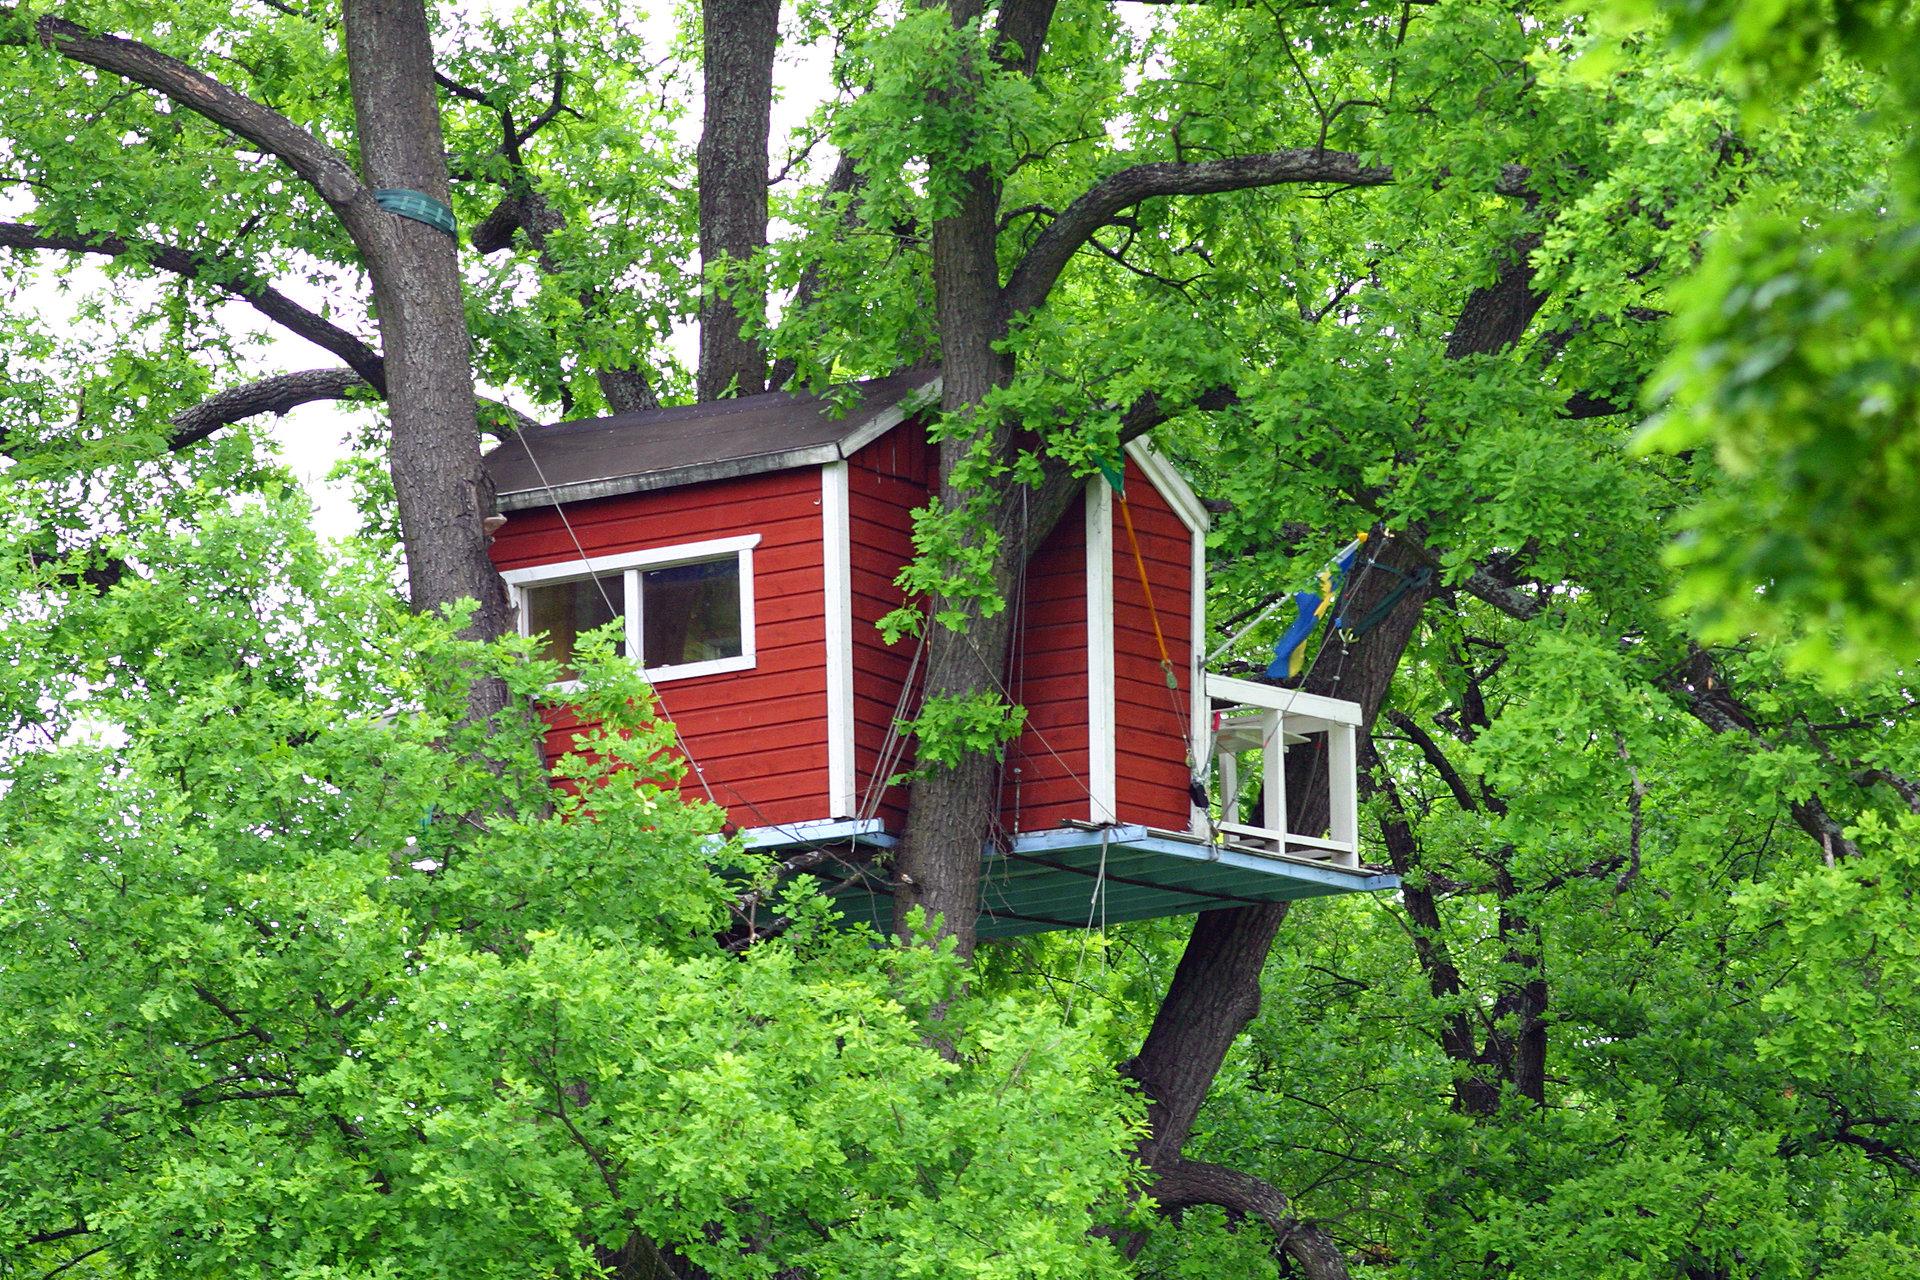 Ett litet rött hus i ett stort träd med en svensk flagga. Fotograf: Clifford Shirley